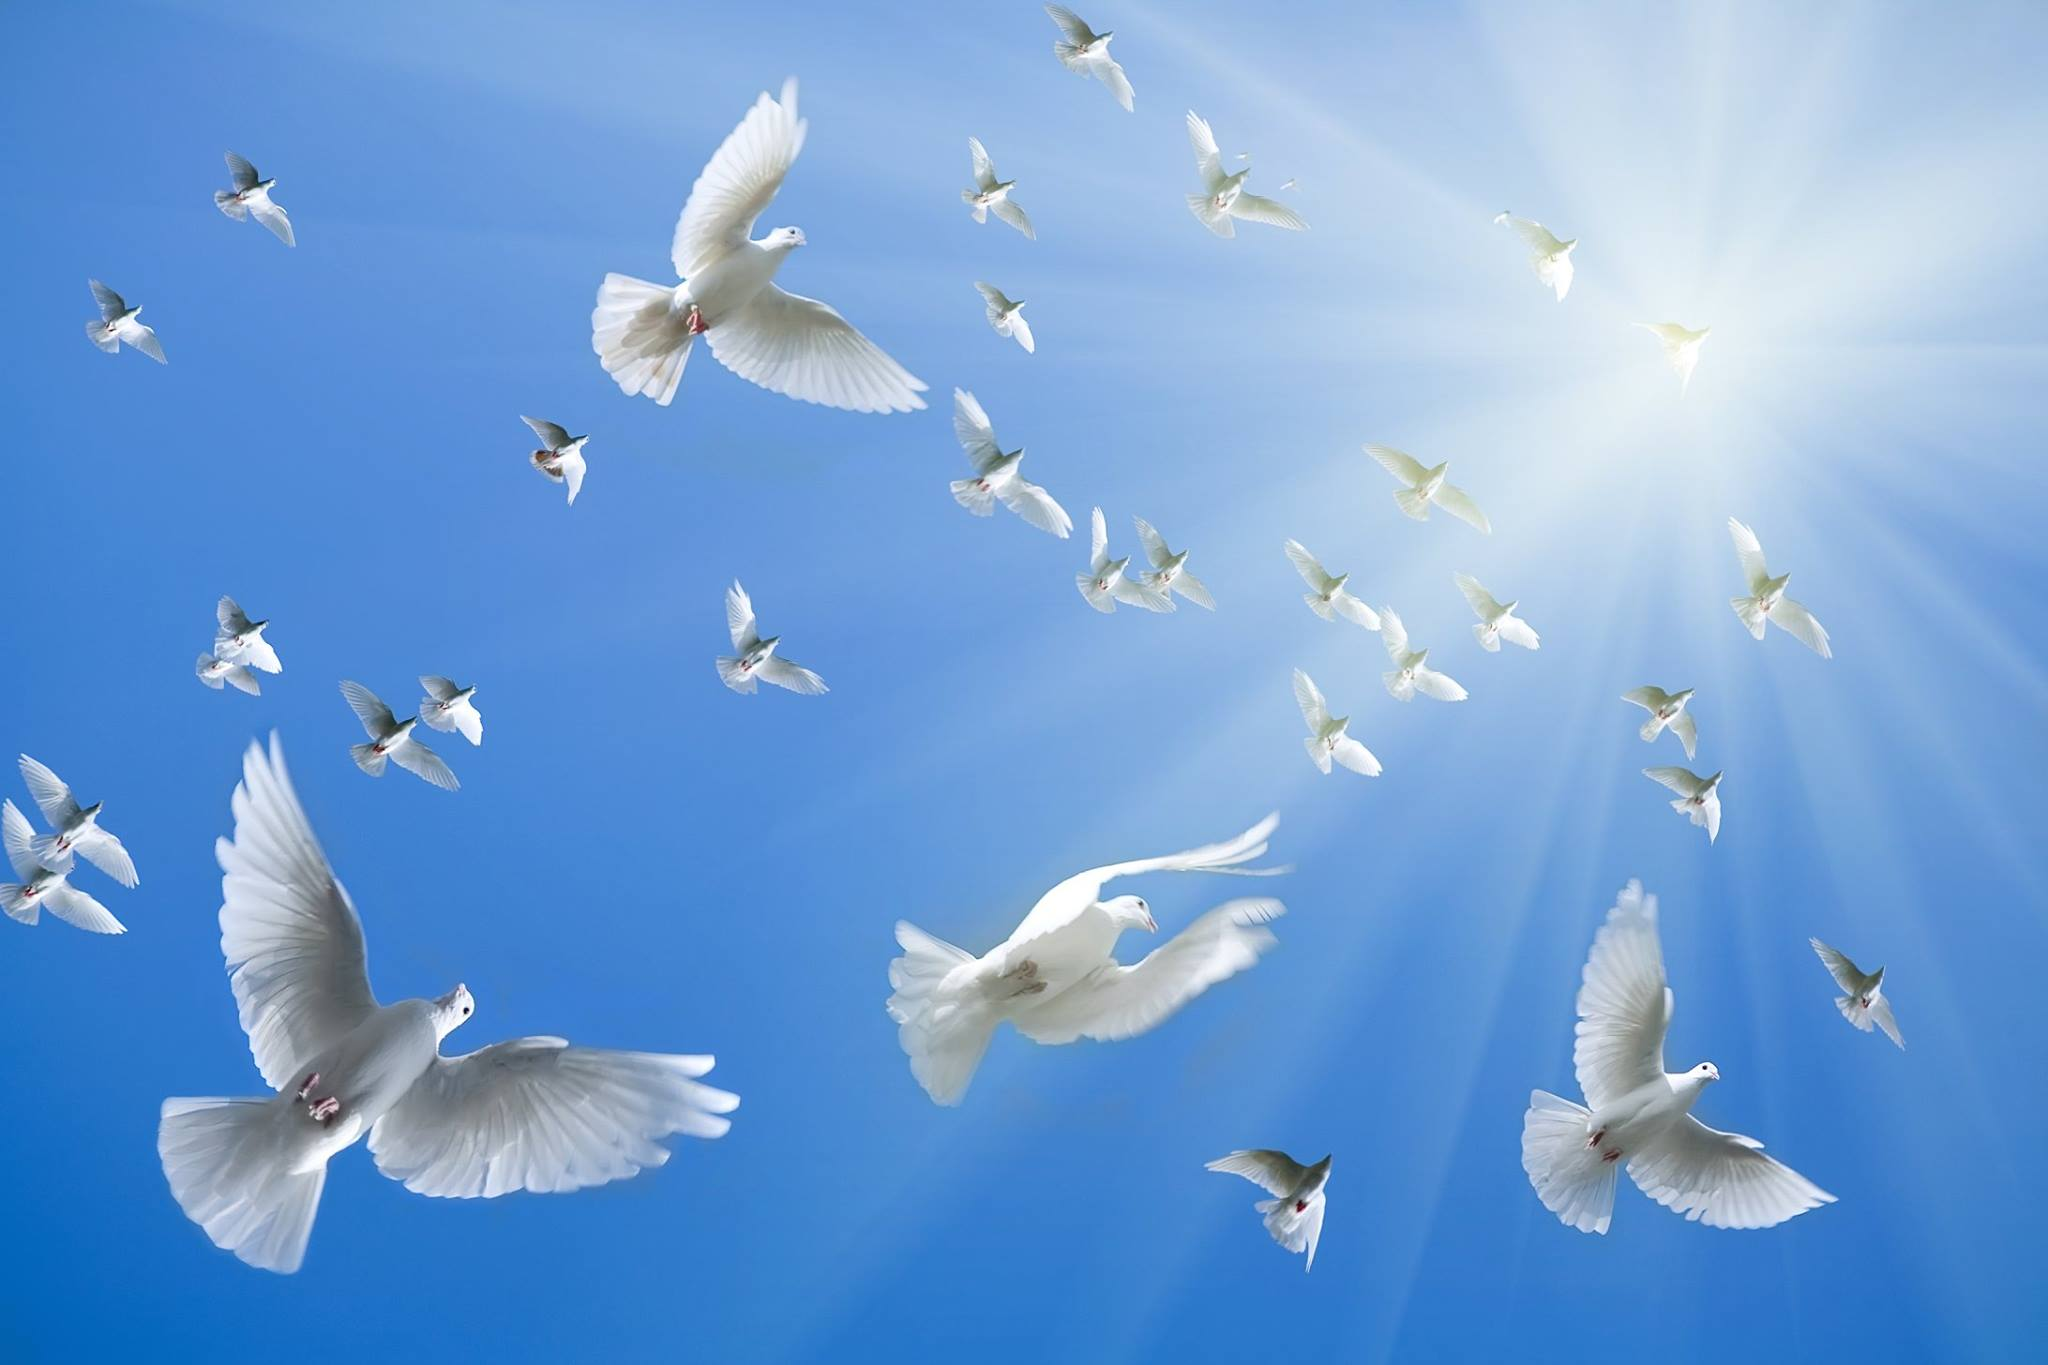 صور حمام ابيض يرفرف في السماء 2 صور حمامه السلام